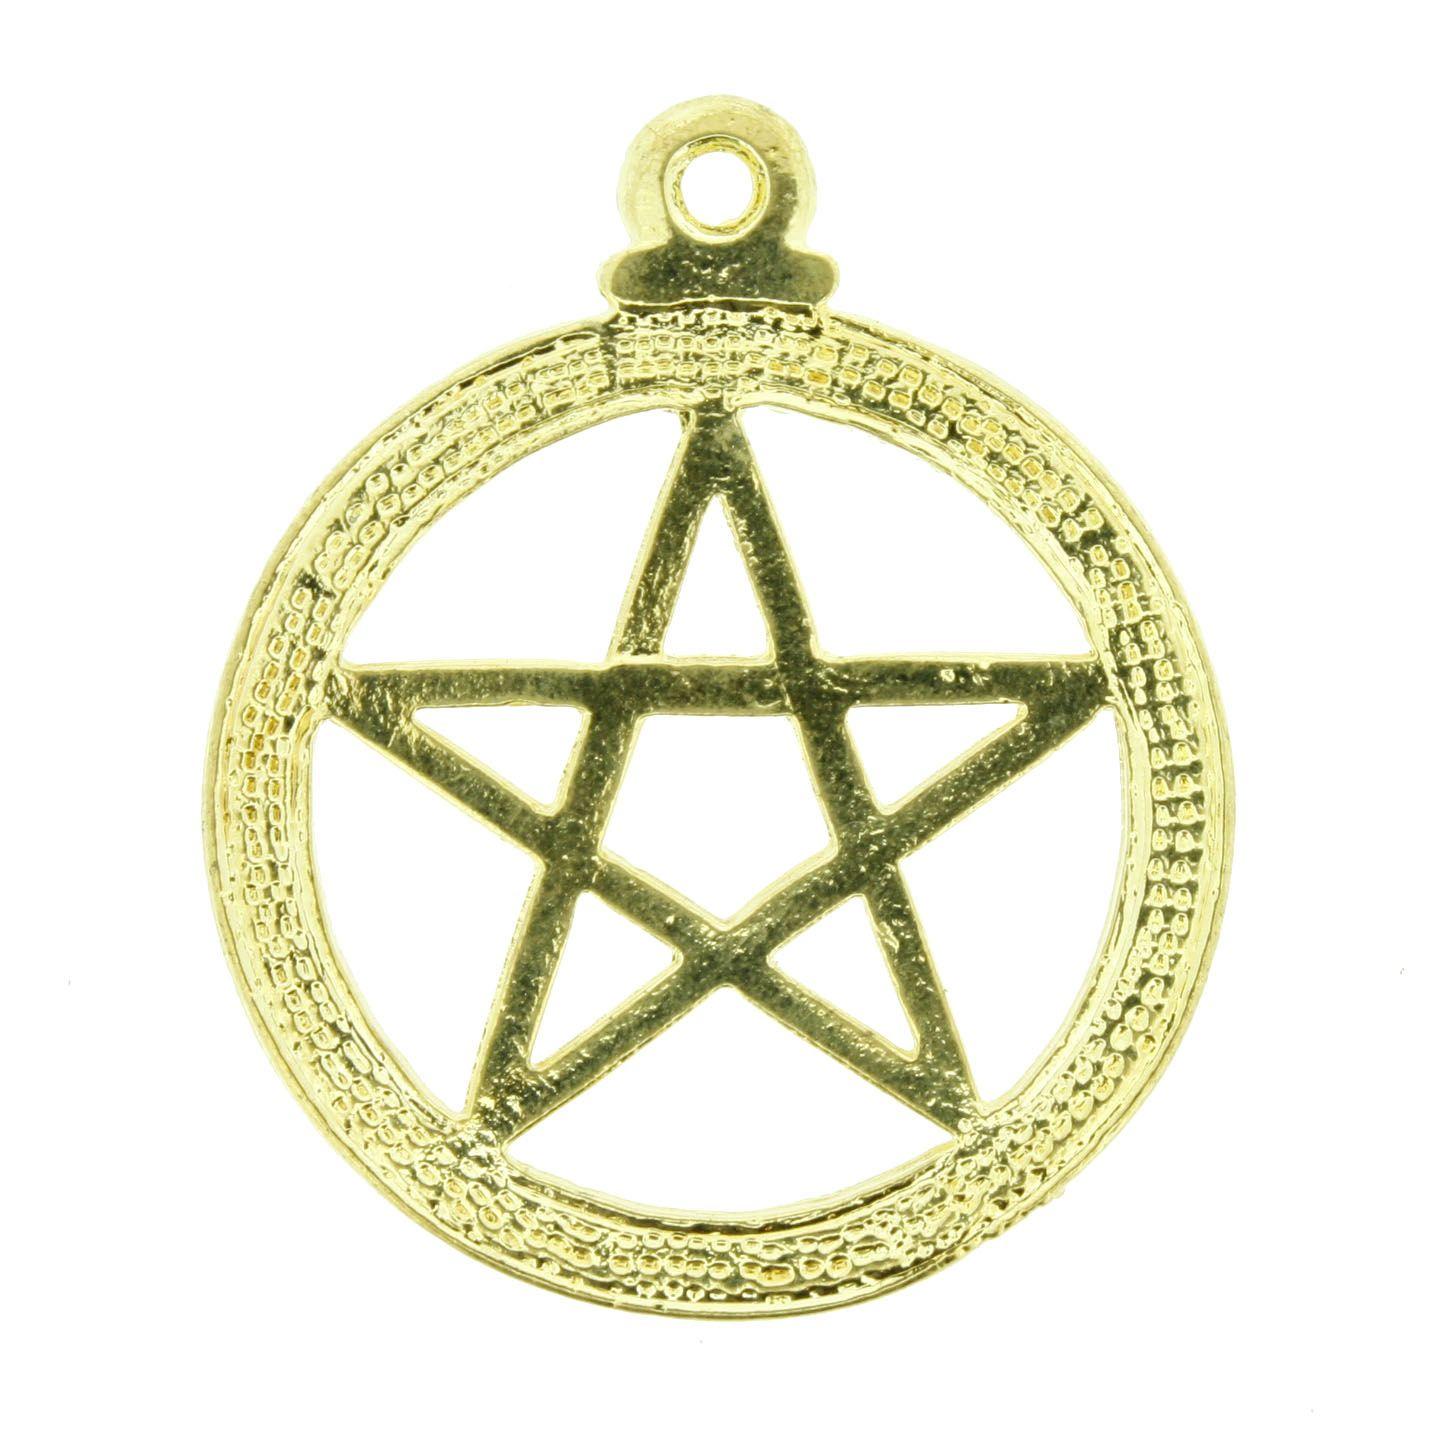 Estrela - Dourada - 35mm  - Universo Religioso® - Artigos de Umbanda e Candomblé